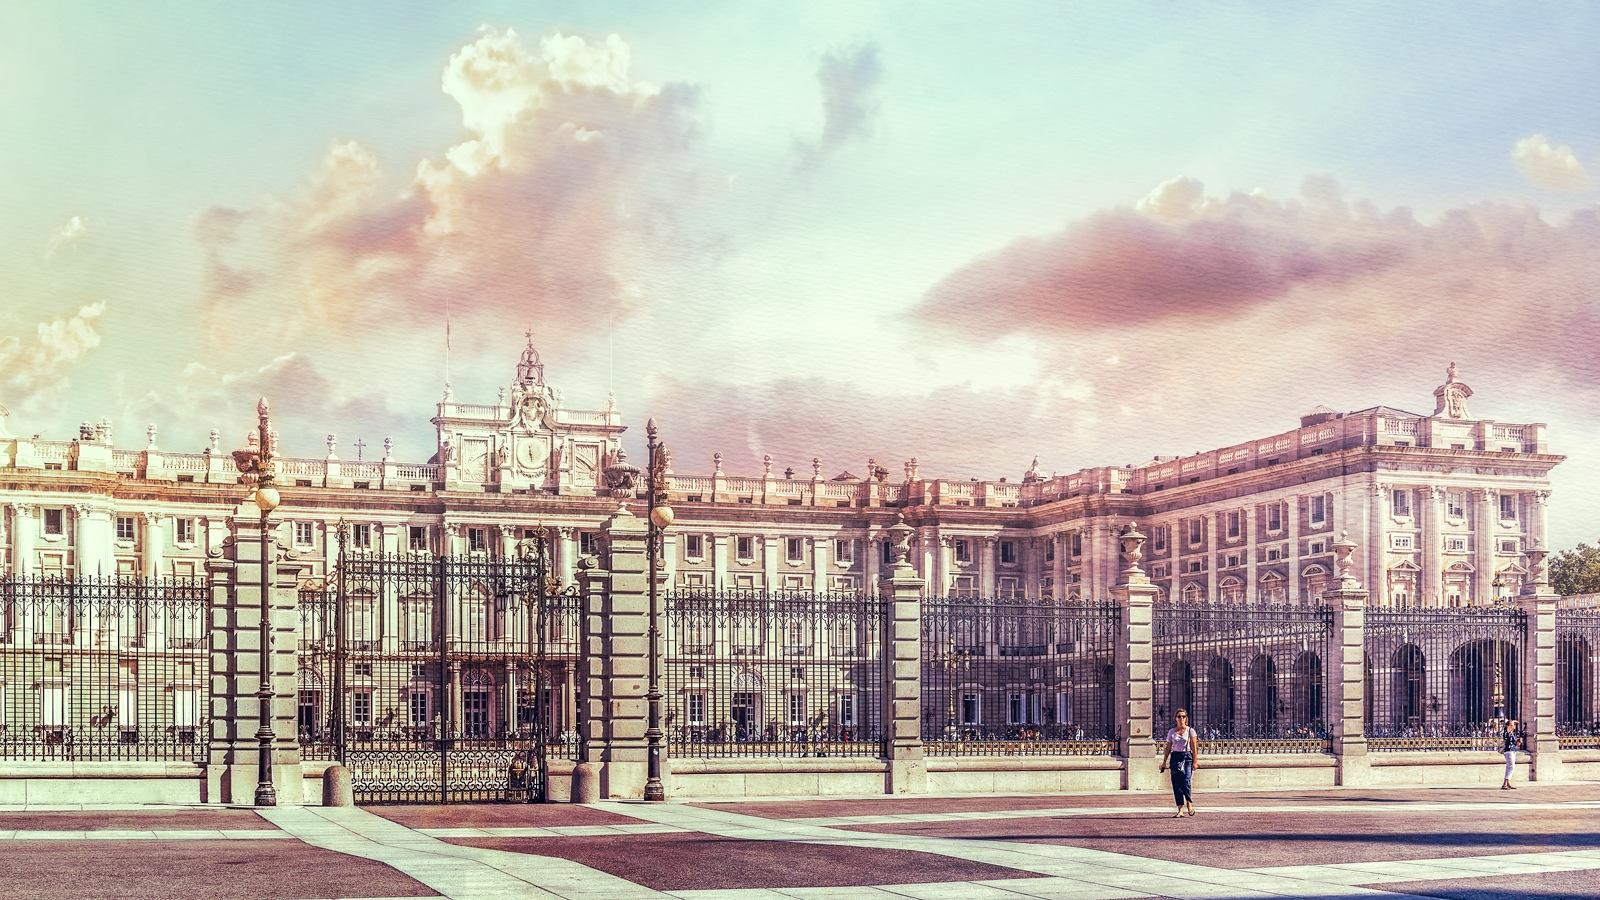 Palacio Real - Madrid by Rosana